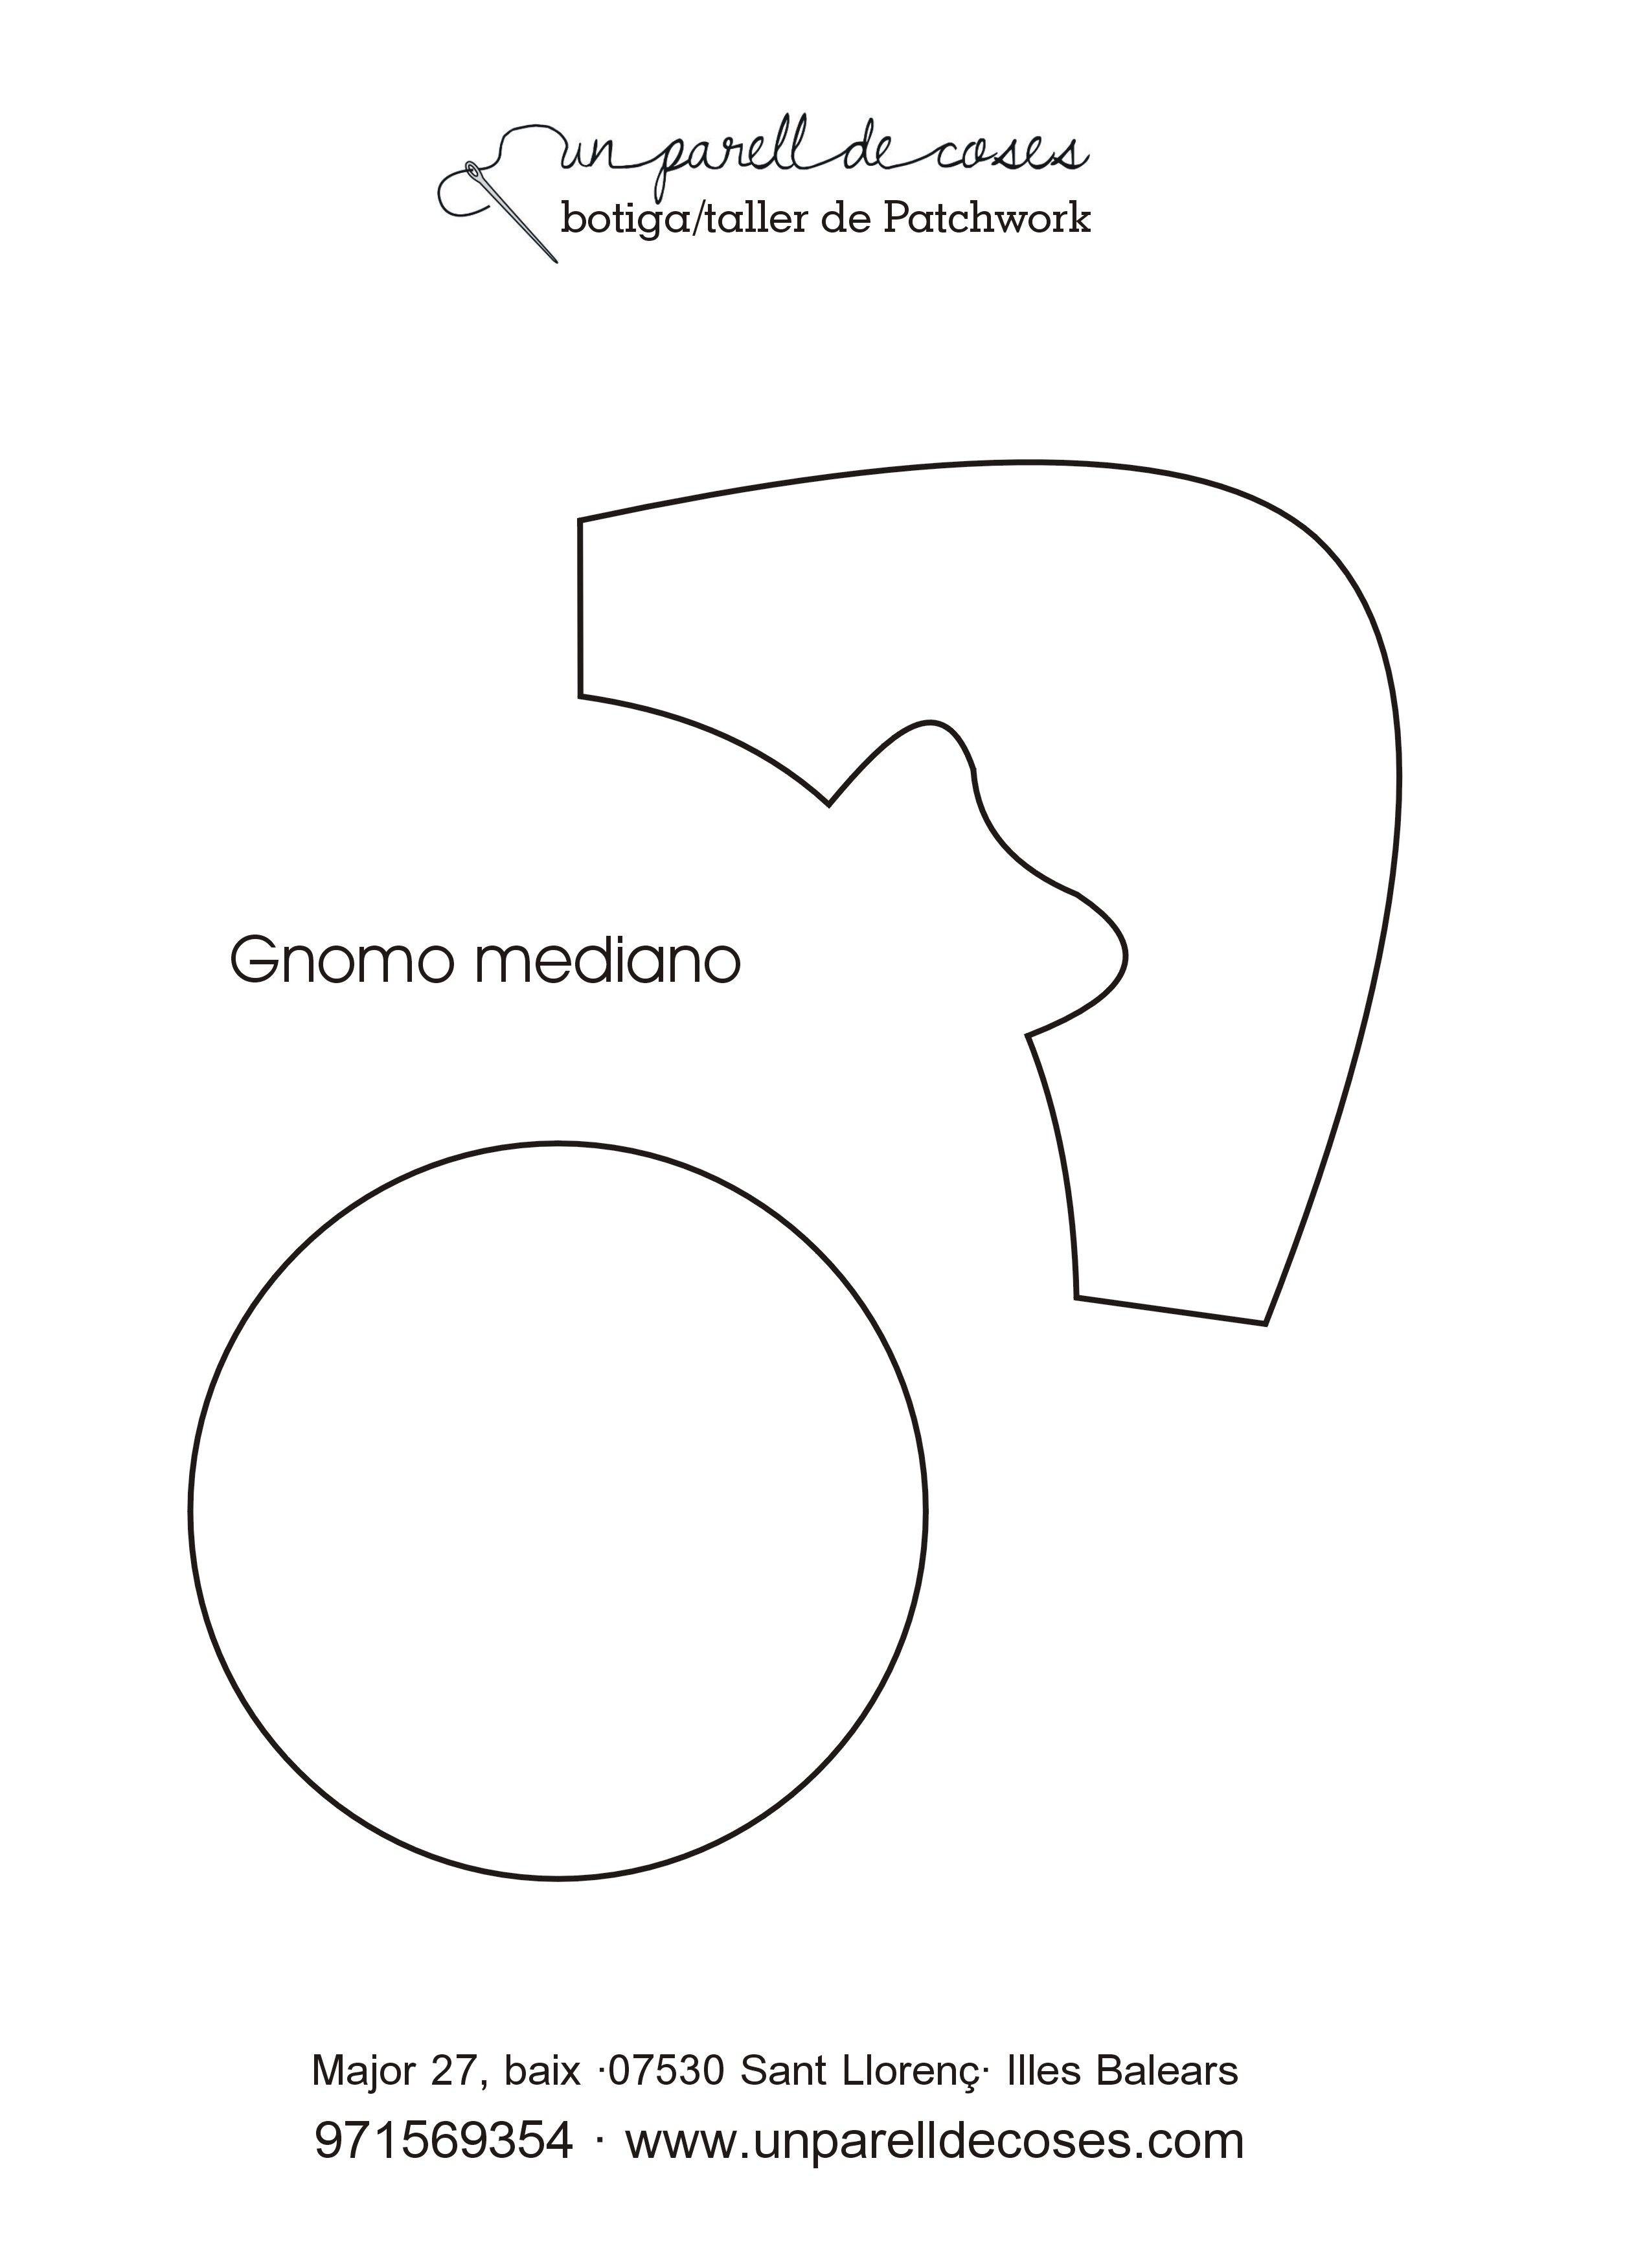 Gnomo Mediano 02